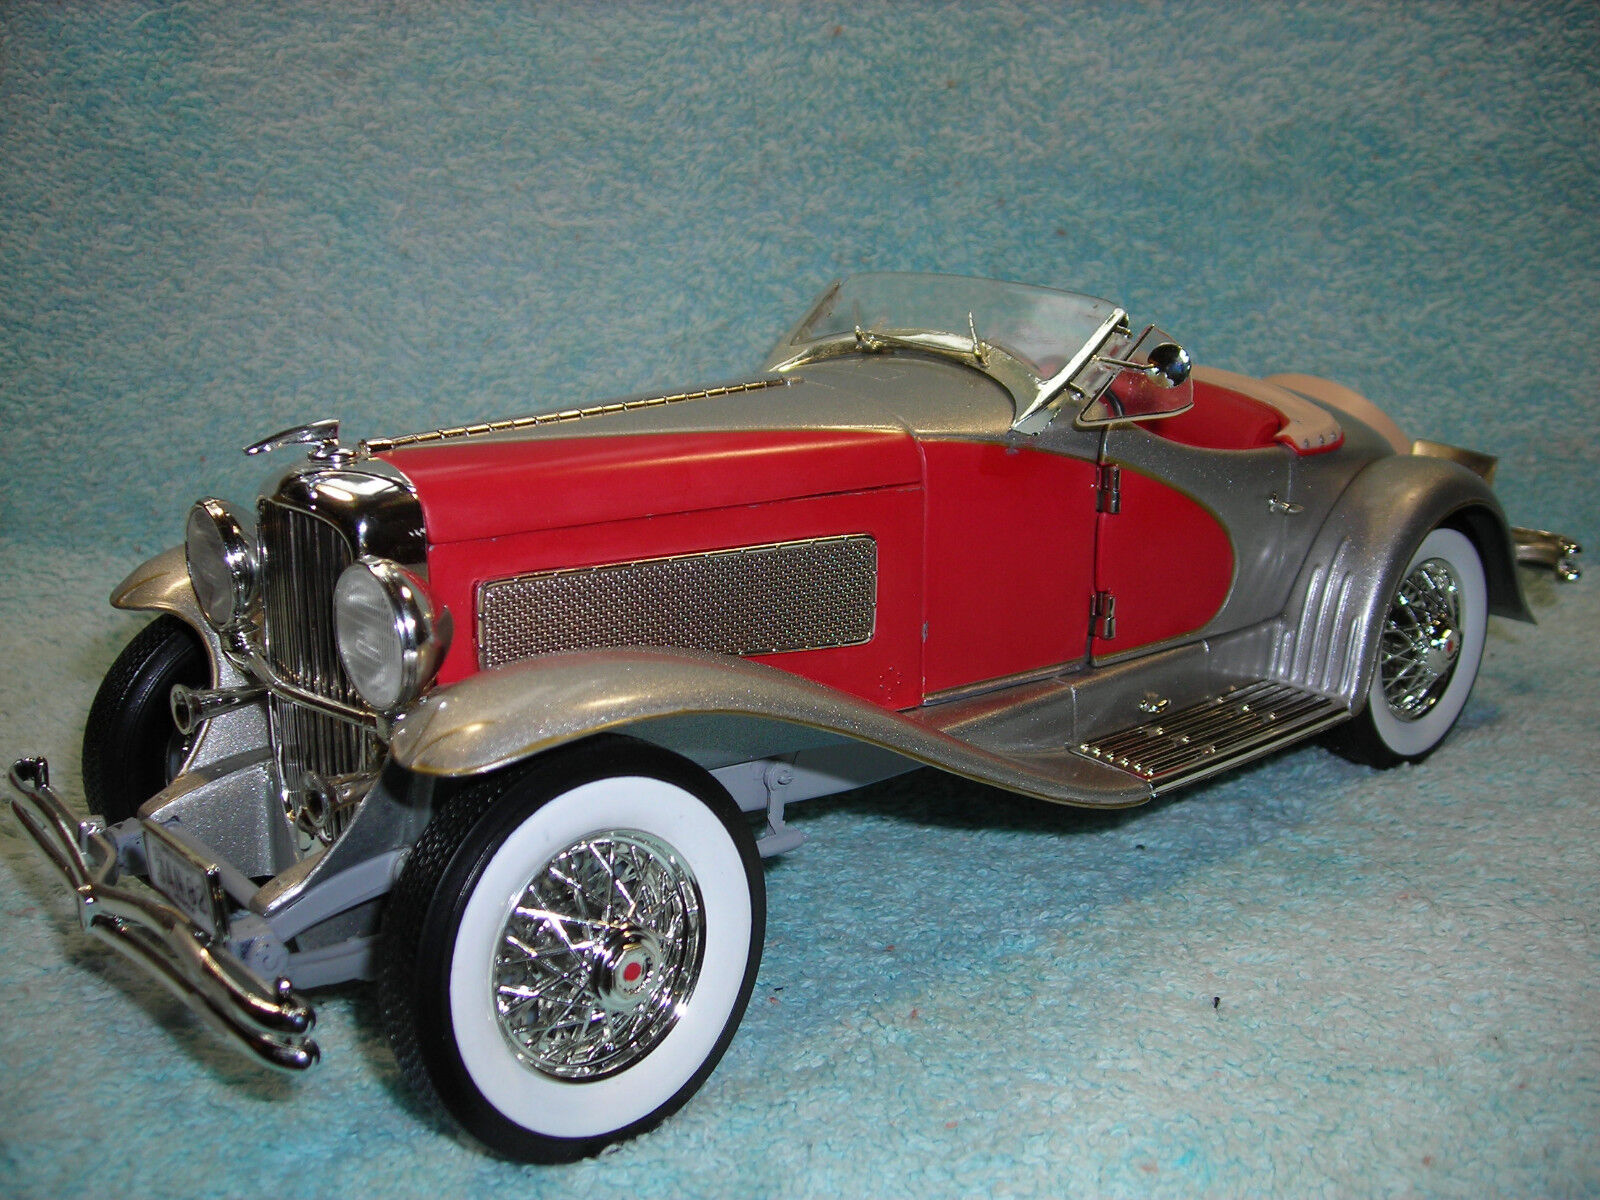 te hará satisfecho 1 18 1935 1935 1935 Duesenburg SSJ Tostador en rojo \ plata por ERTL American Muscle ninguna caja.  autorización